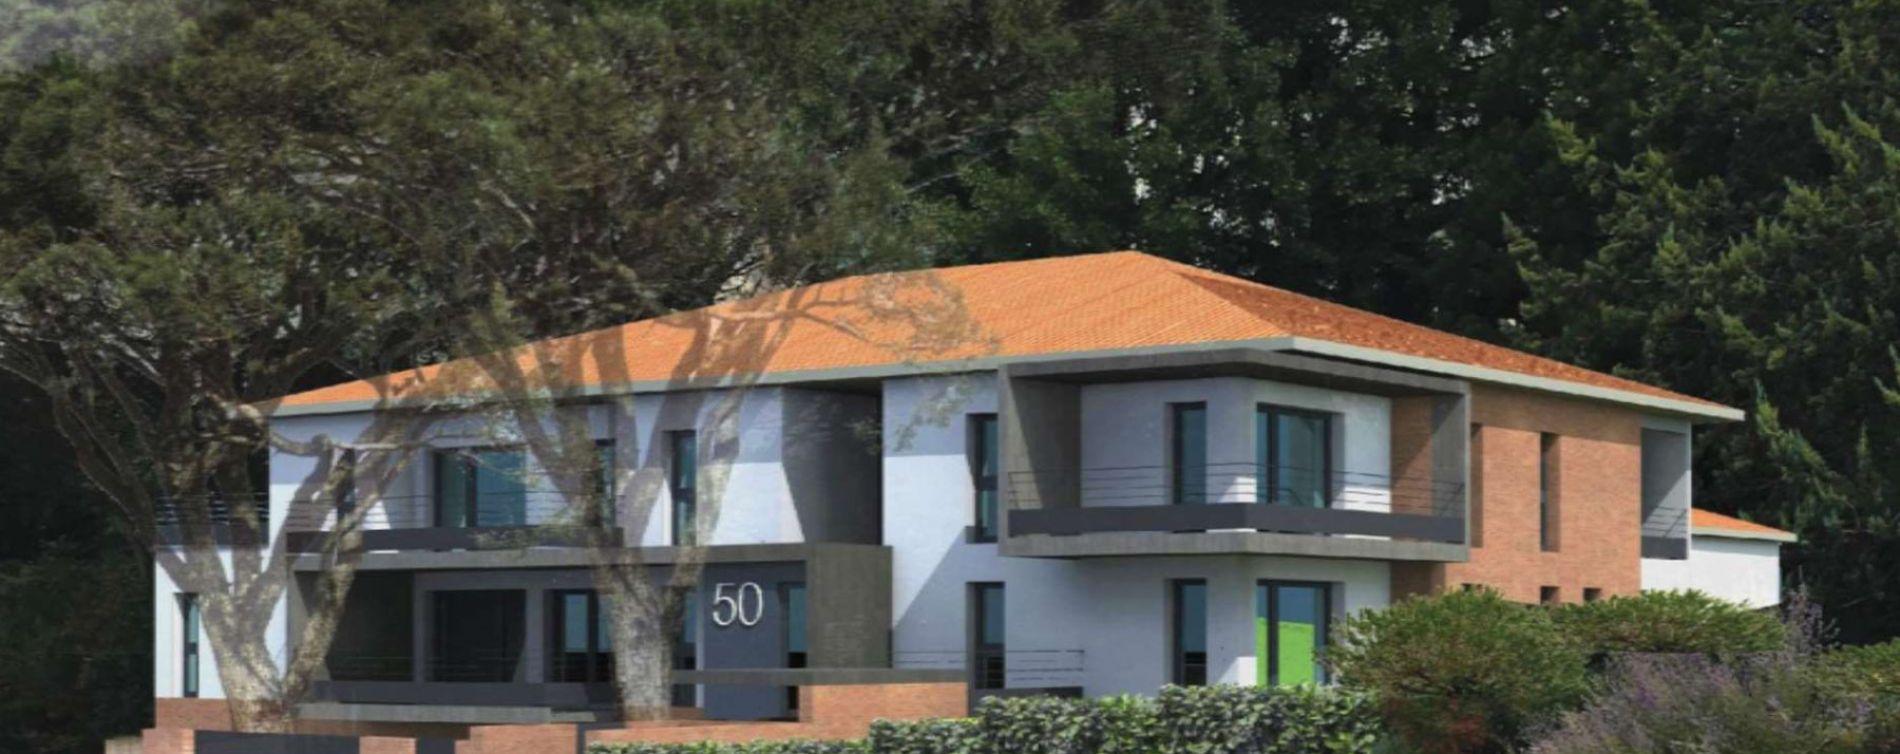 Résidence Résidence le 50 à Montrabé